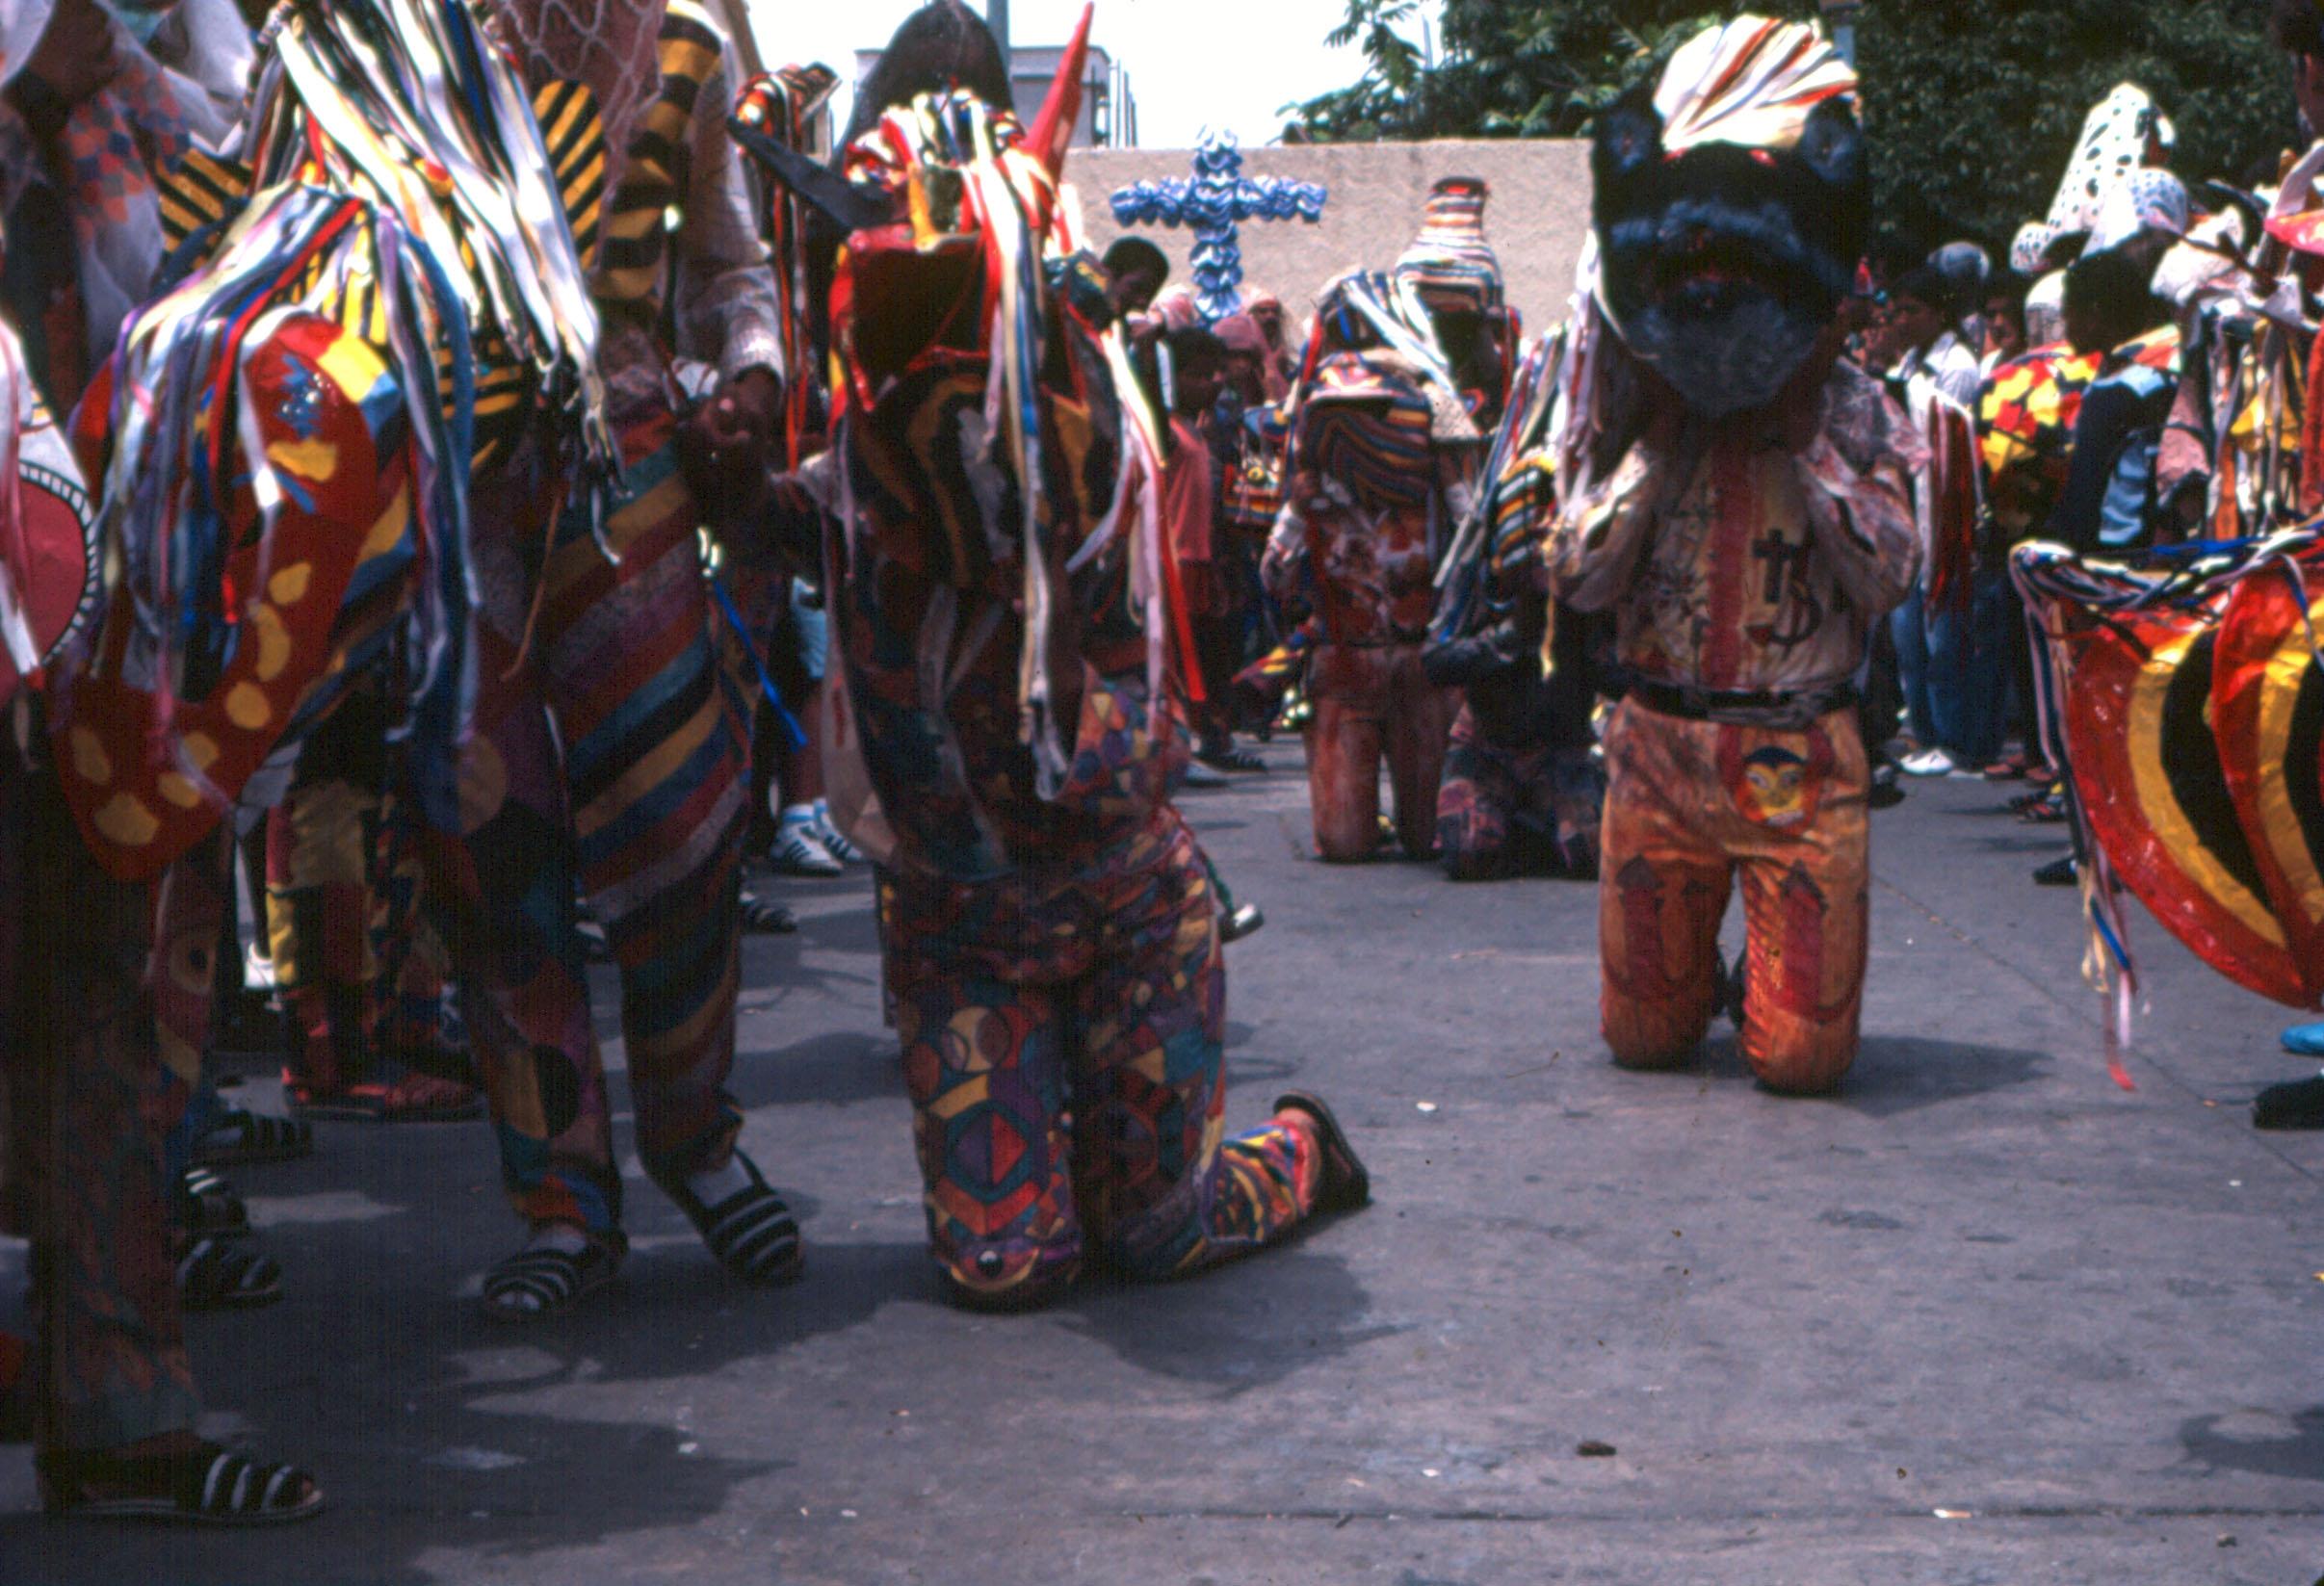 F-03527-Diablos-Naiguata-Vargas-1983-Foto-Enrique-Ali-Gonzalez-Ordosgoitti